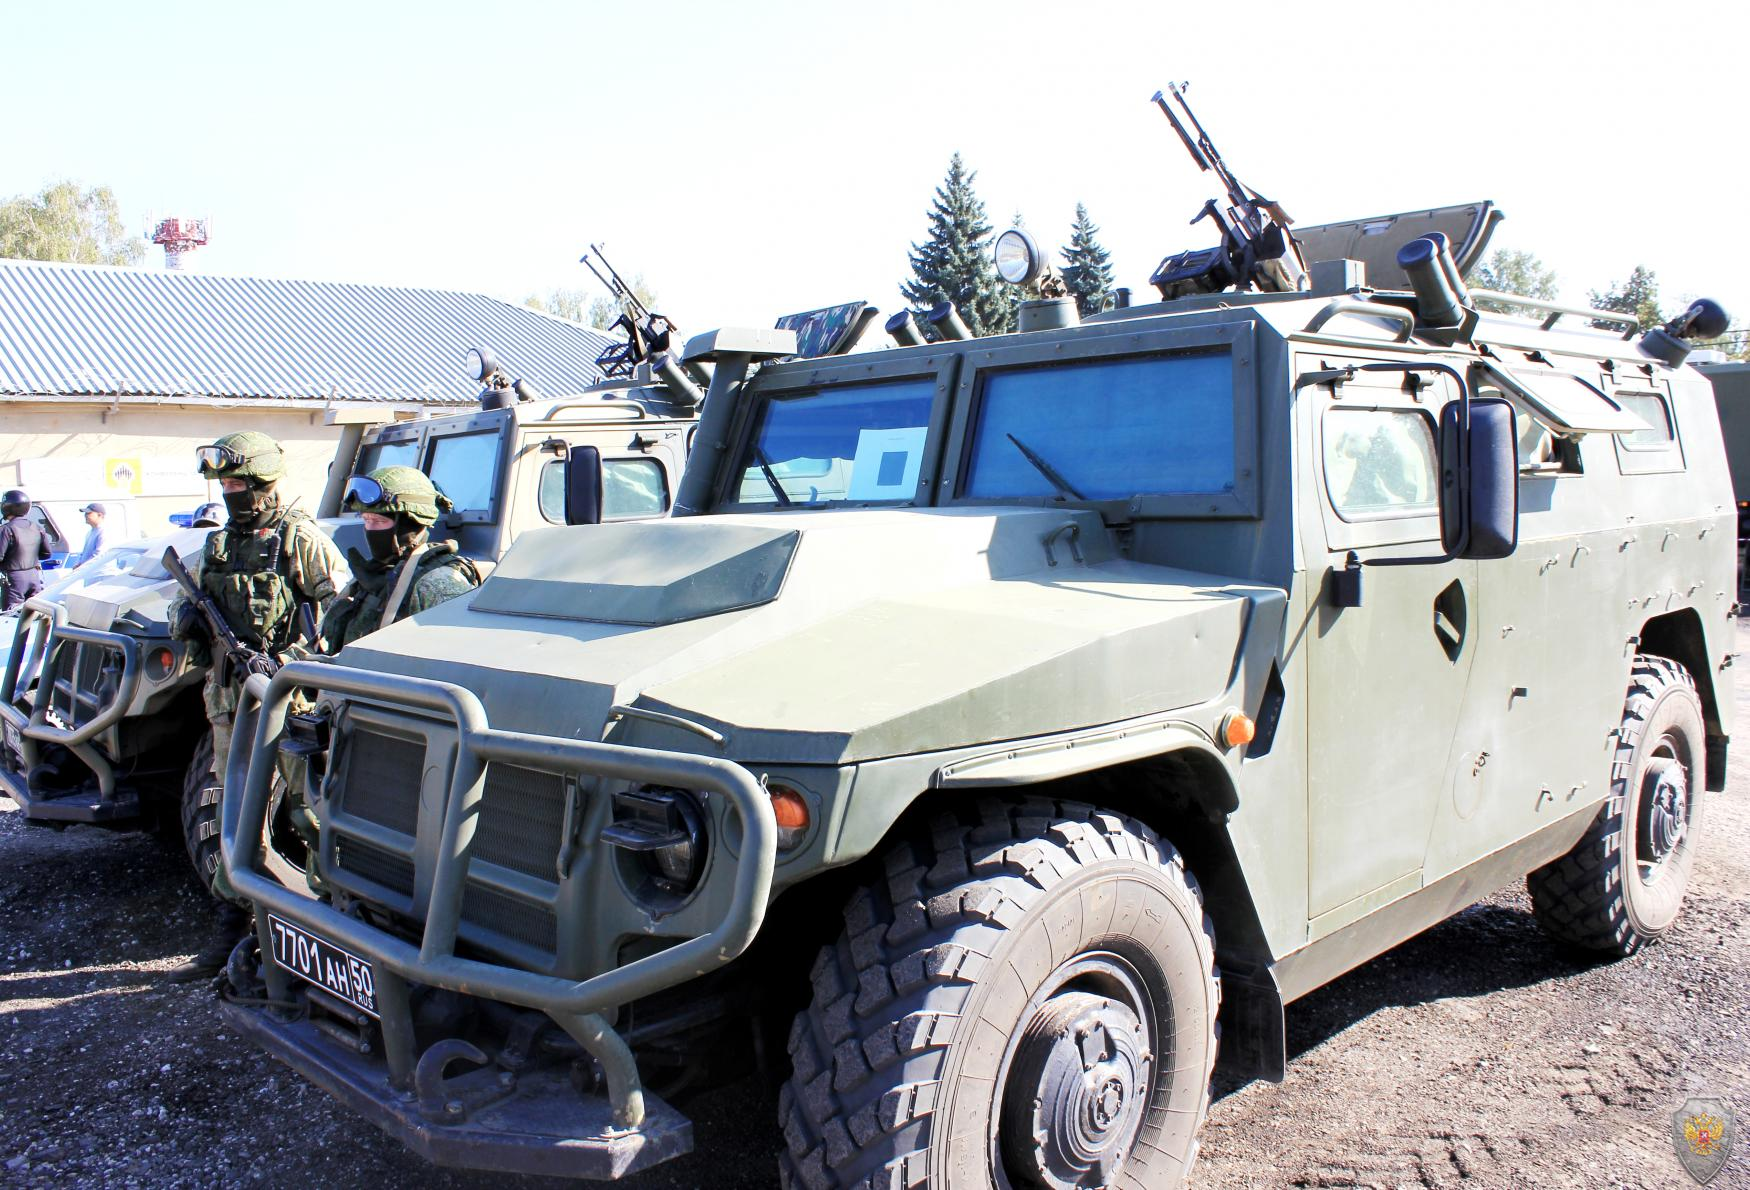 Оперативным штабом в Тамбовской области проведено тактико-специальное учение по пресечению террористического акта на объекте топливно-энергетического комплекса